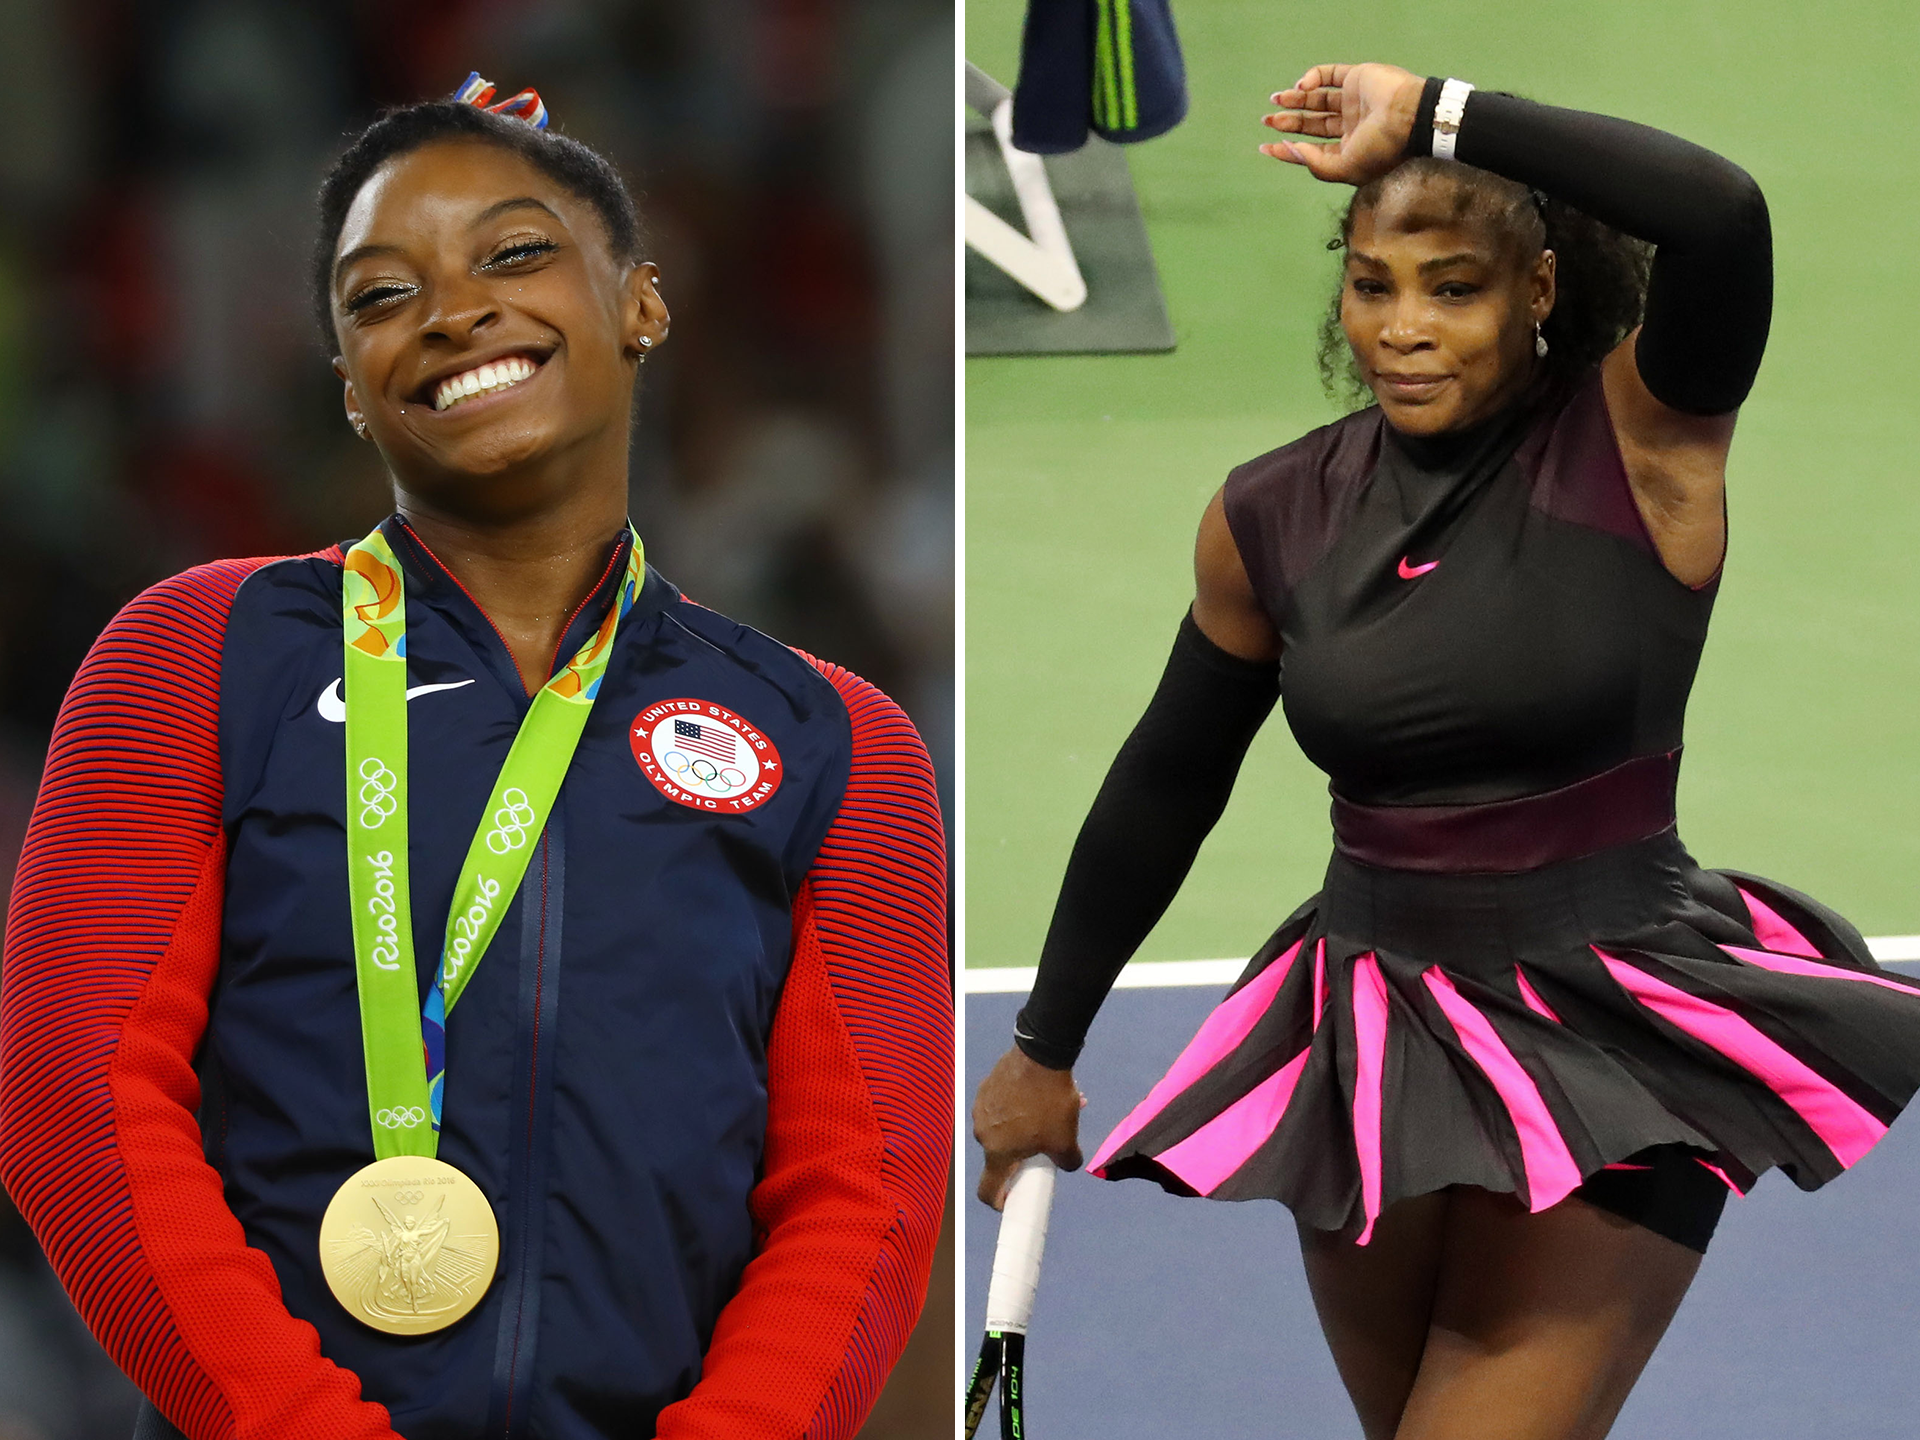 Simone Biles, Serena Williams